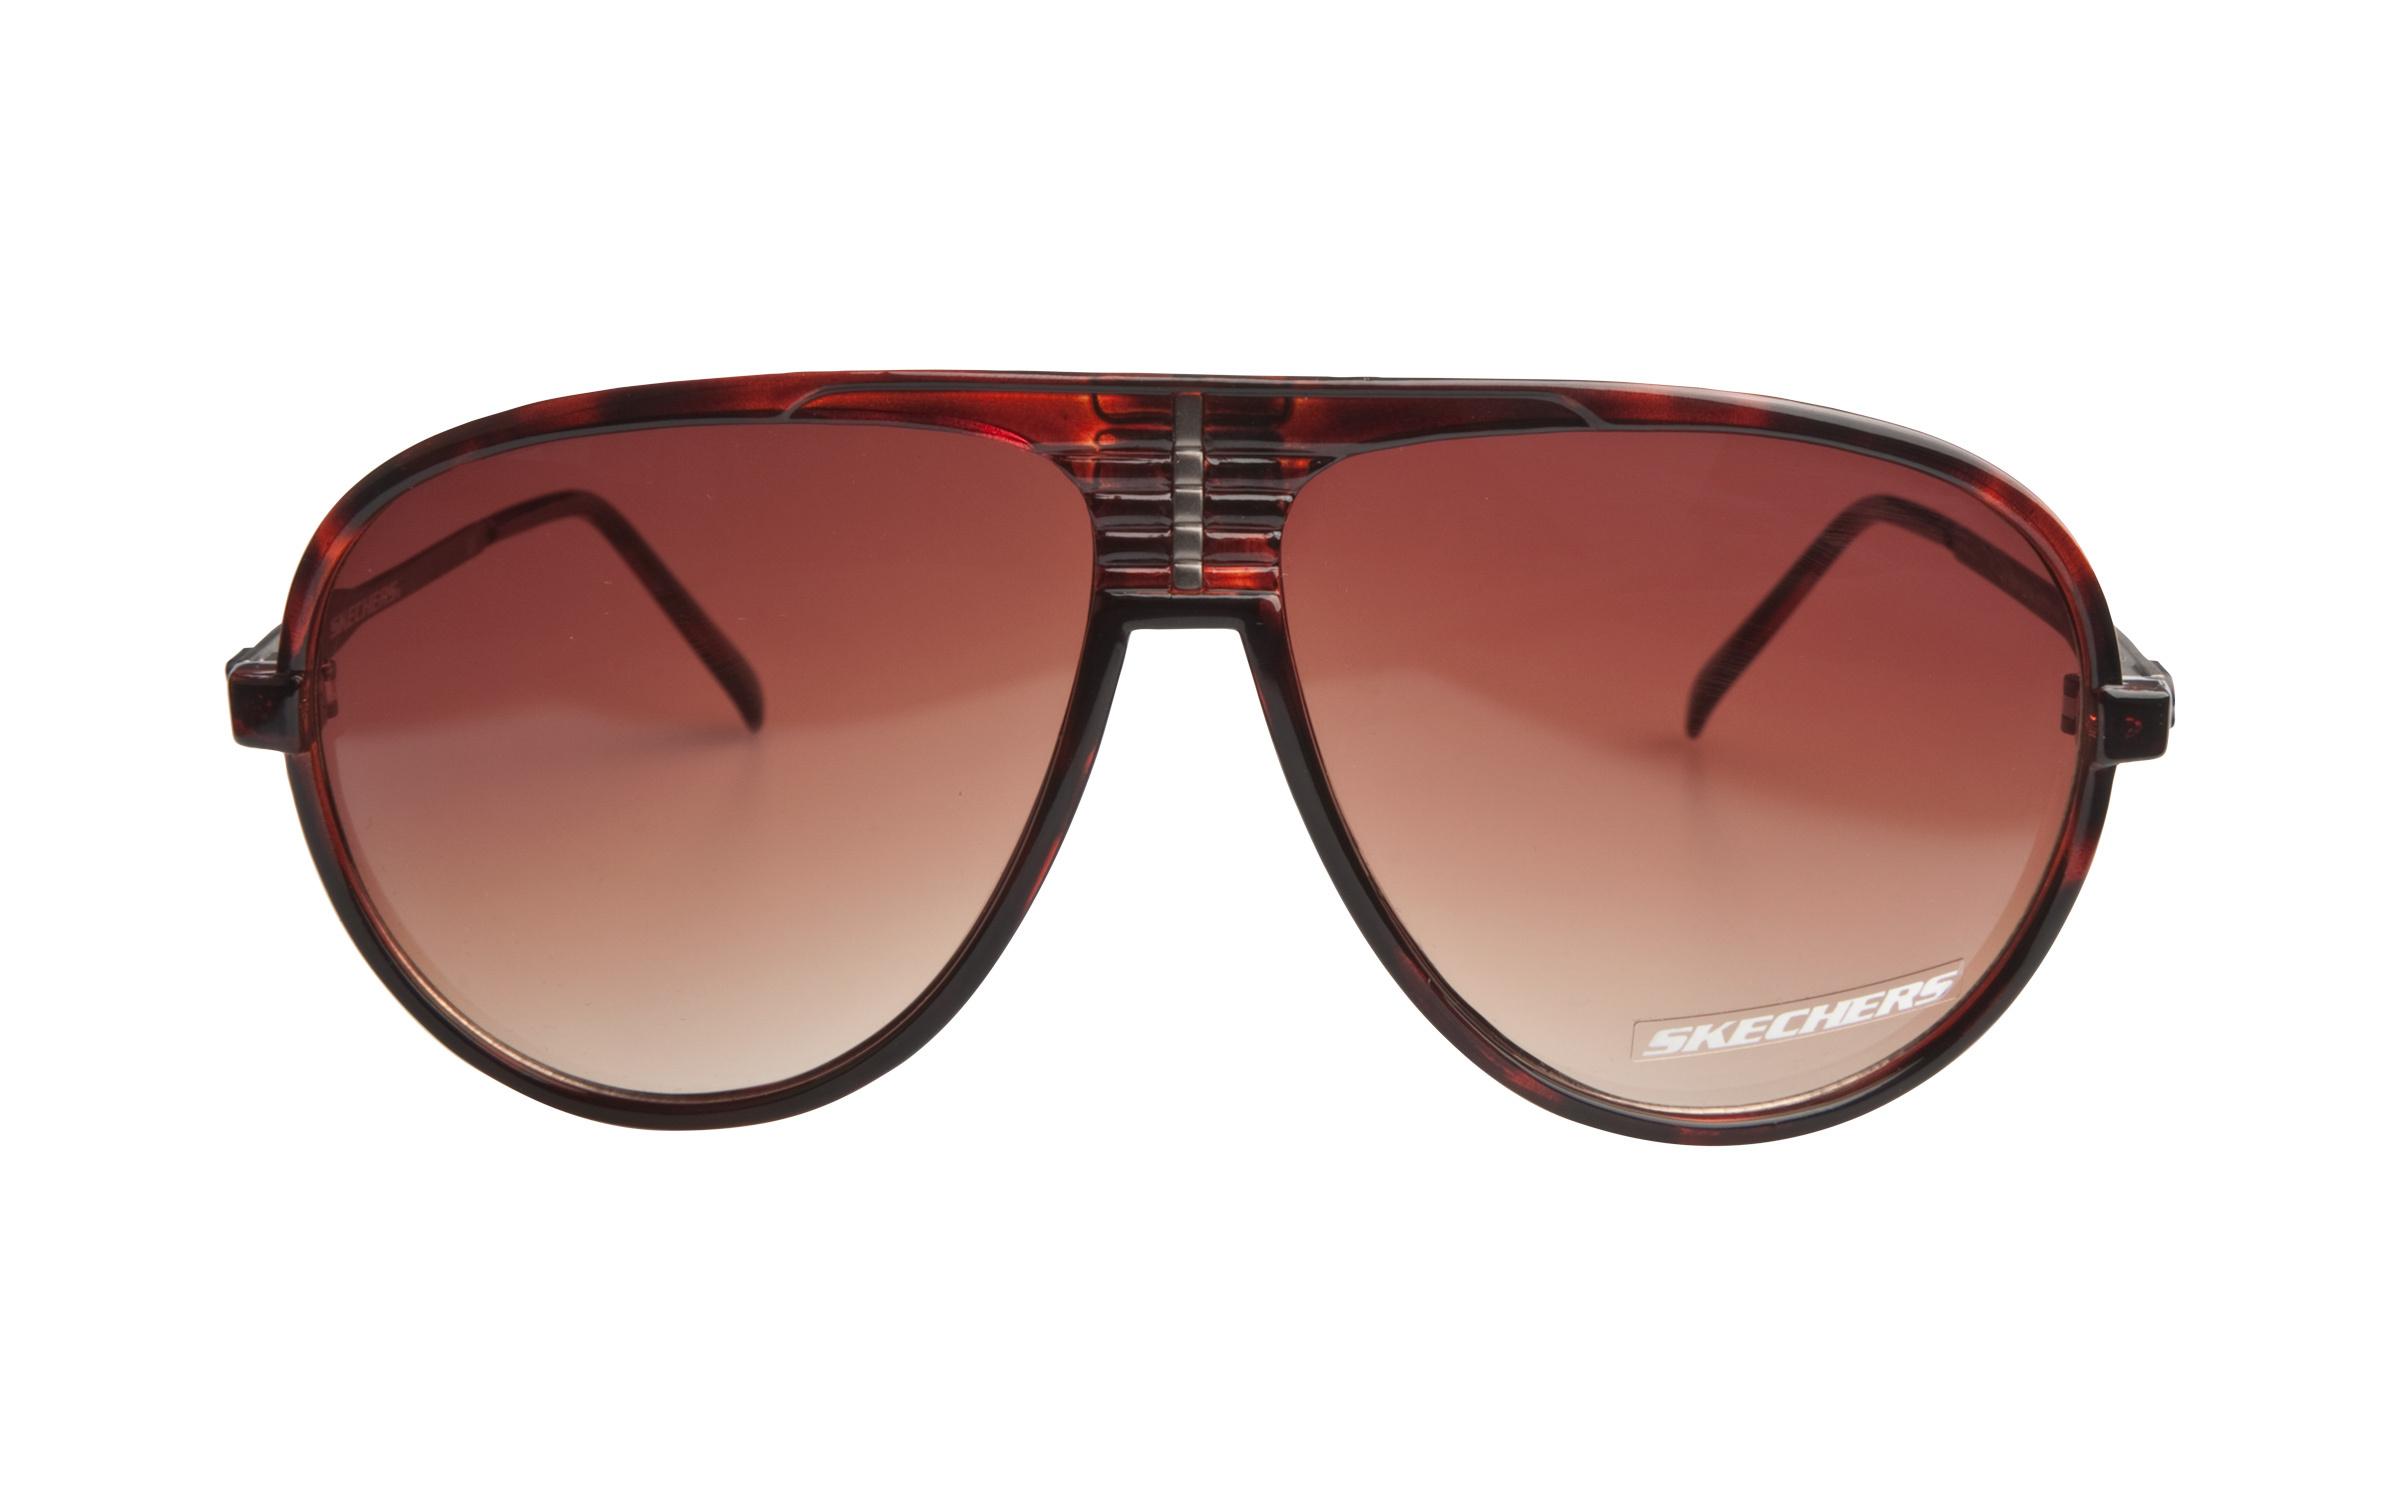 Skechers SK5000 Tortoise 34 Sunglasses